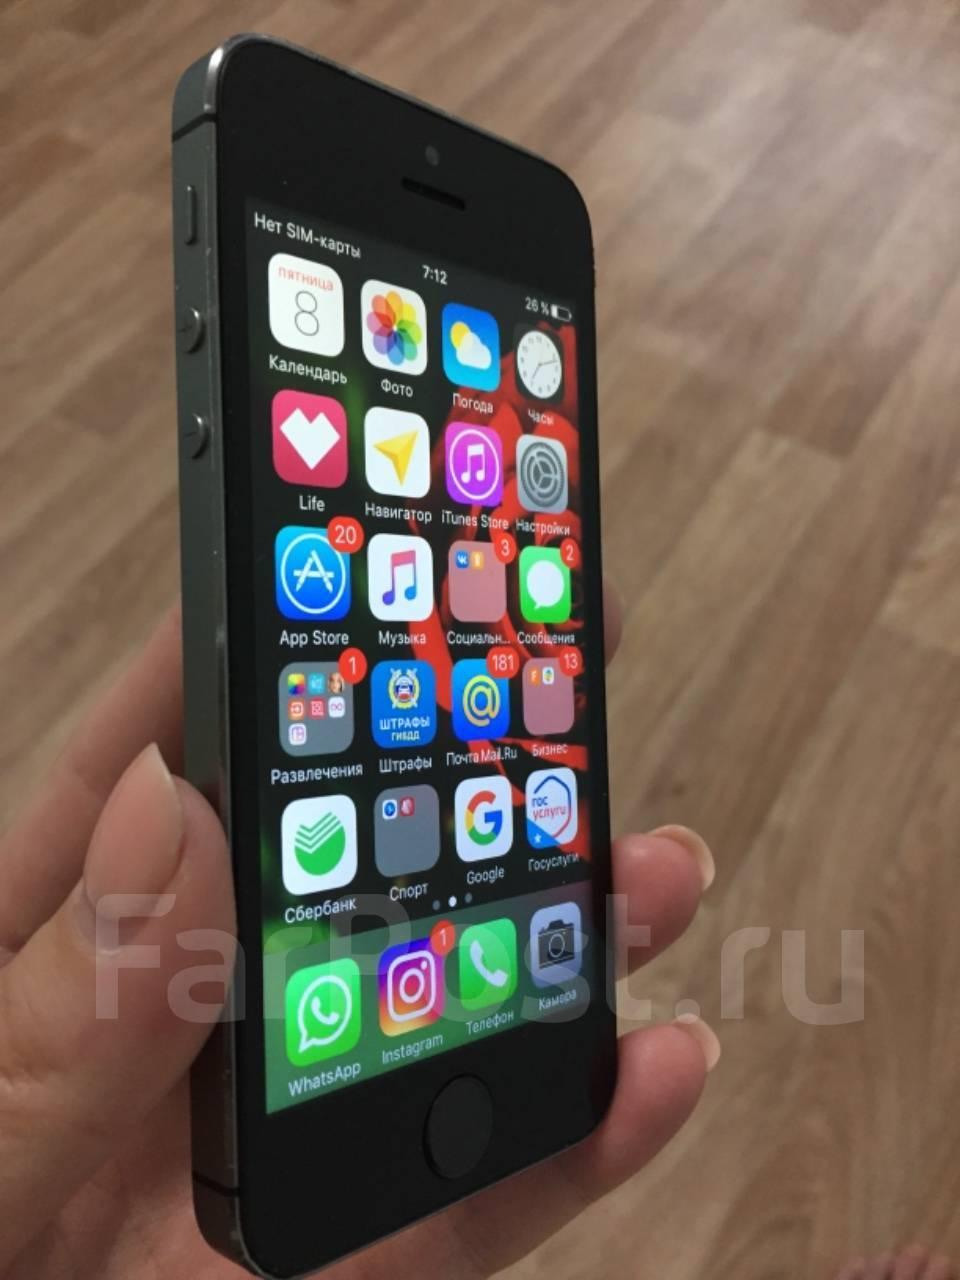 Купить смартфон Apple iPhone 5s 4g lte в Южно-Сахалинске! Цены на новые и б у  мобильные телефоны Apple iPhone 5s ef5d22f6663